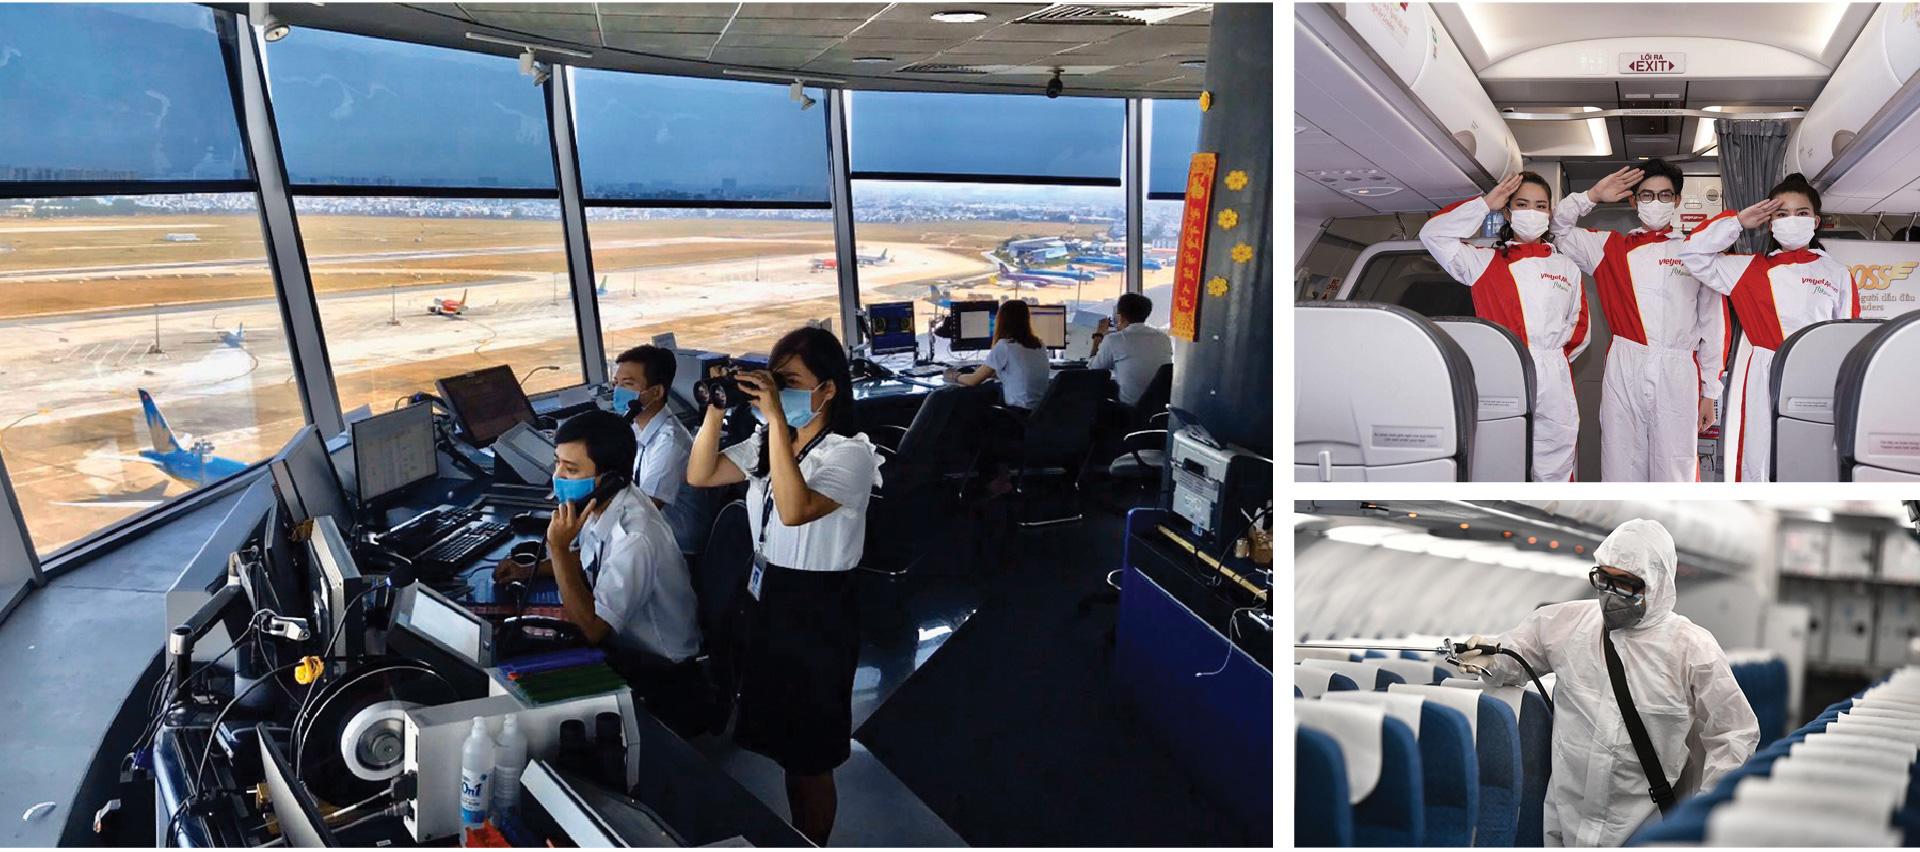 'Lựa chọn hỗ trợ hàng không vì tương lai của đất nước' - Ảnh 7.